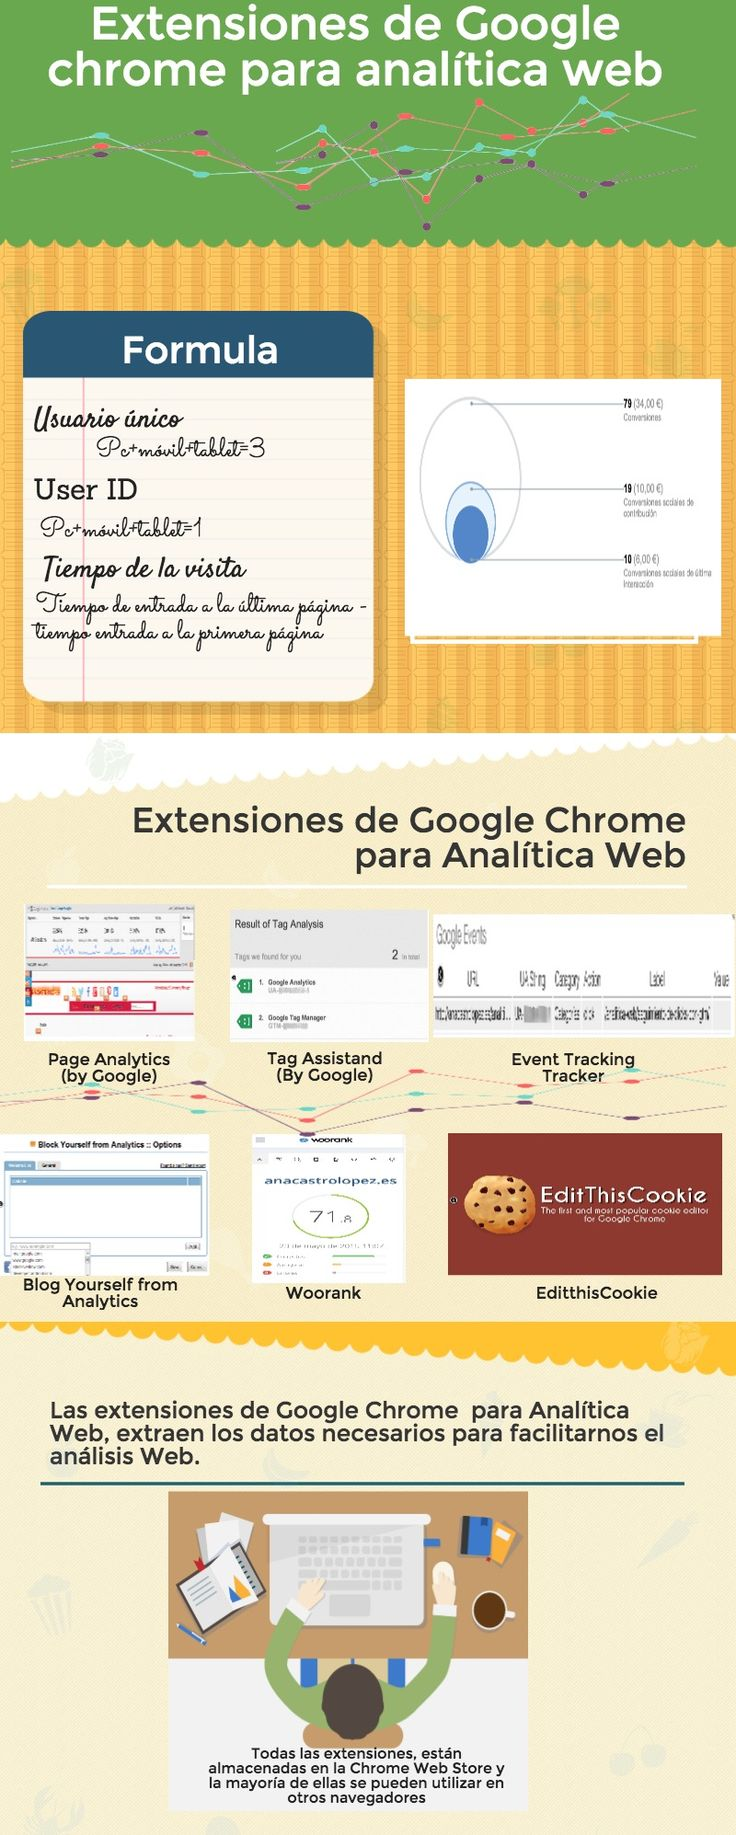 Extensiones de Google Chrome para Analítica Web